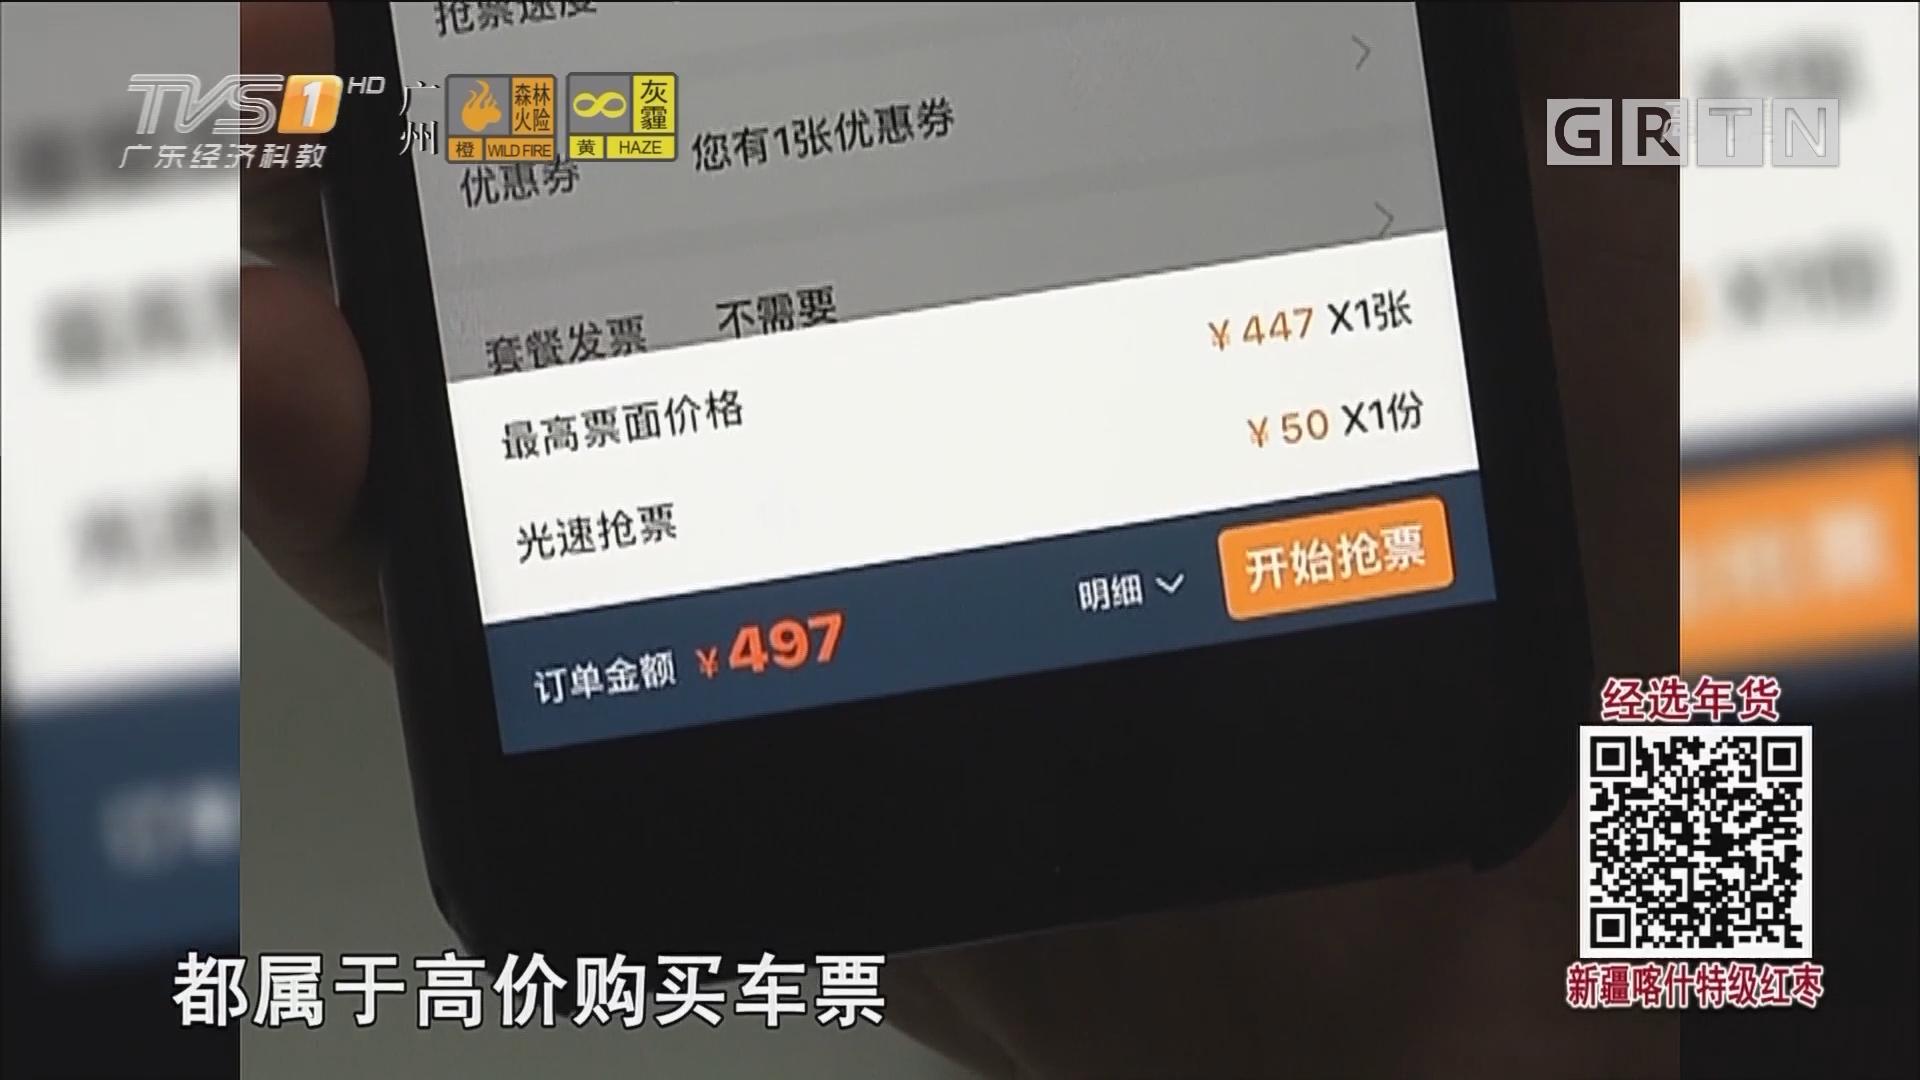 春运:网上抢票软件 加价似黄牛?